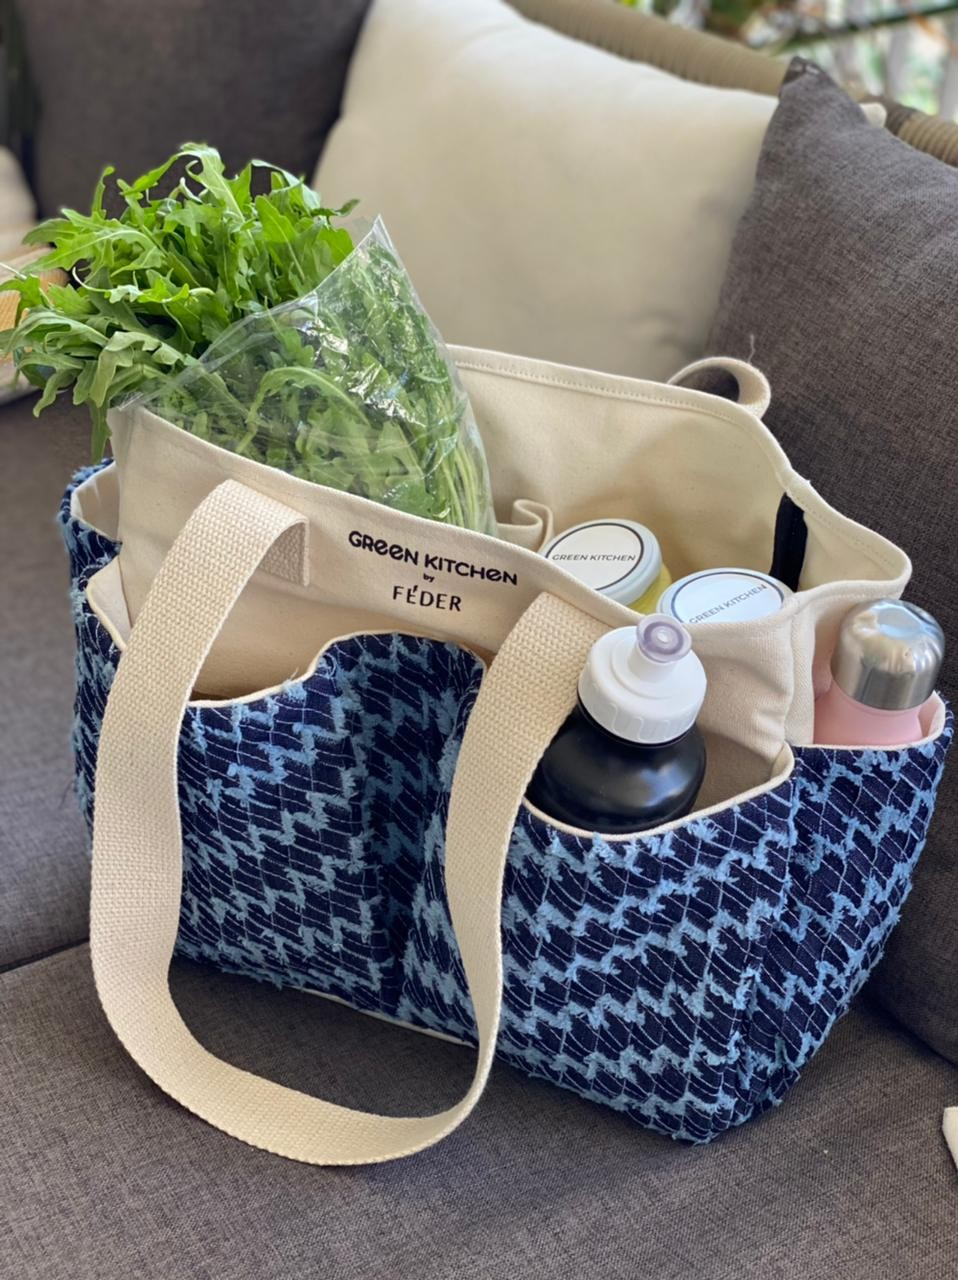 O cliente pode comprar apenas a bolsa por R$ 299,00 ou o kit completo, que inclui a bolsa e o kit de café da manhã ou da tarde da Green Kitchen com potes retornáveis que o cliente pode devolver e ter um desconto de R$ 2,00 na próxima compra. O valor é R$ 369,00 (Foto: Féder / Divulgação)